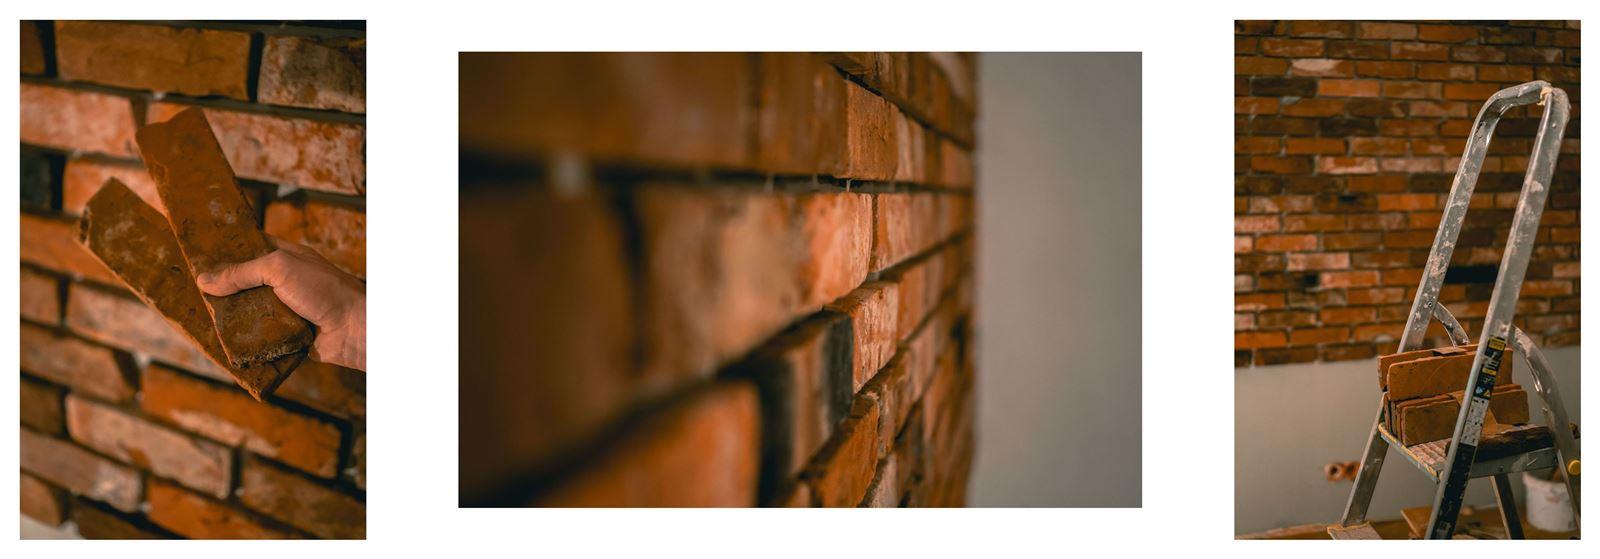 0 naturalna cegła cięta na ścianę jak położyć do jakiego wnętrza gdzie kupić cena tanio jak zaimpregnować cegła w salonie czy nadaje sie do mieszkania do kuchni czy jest trwała